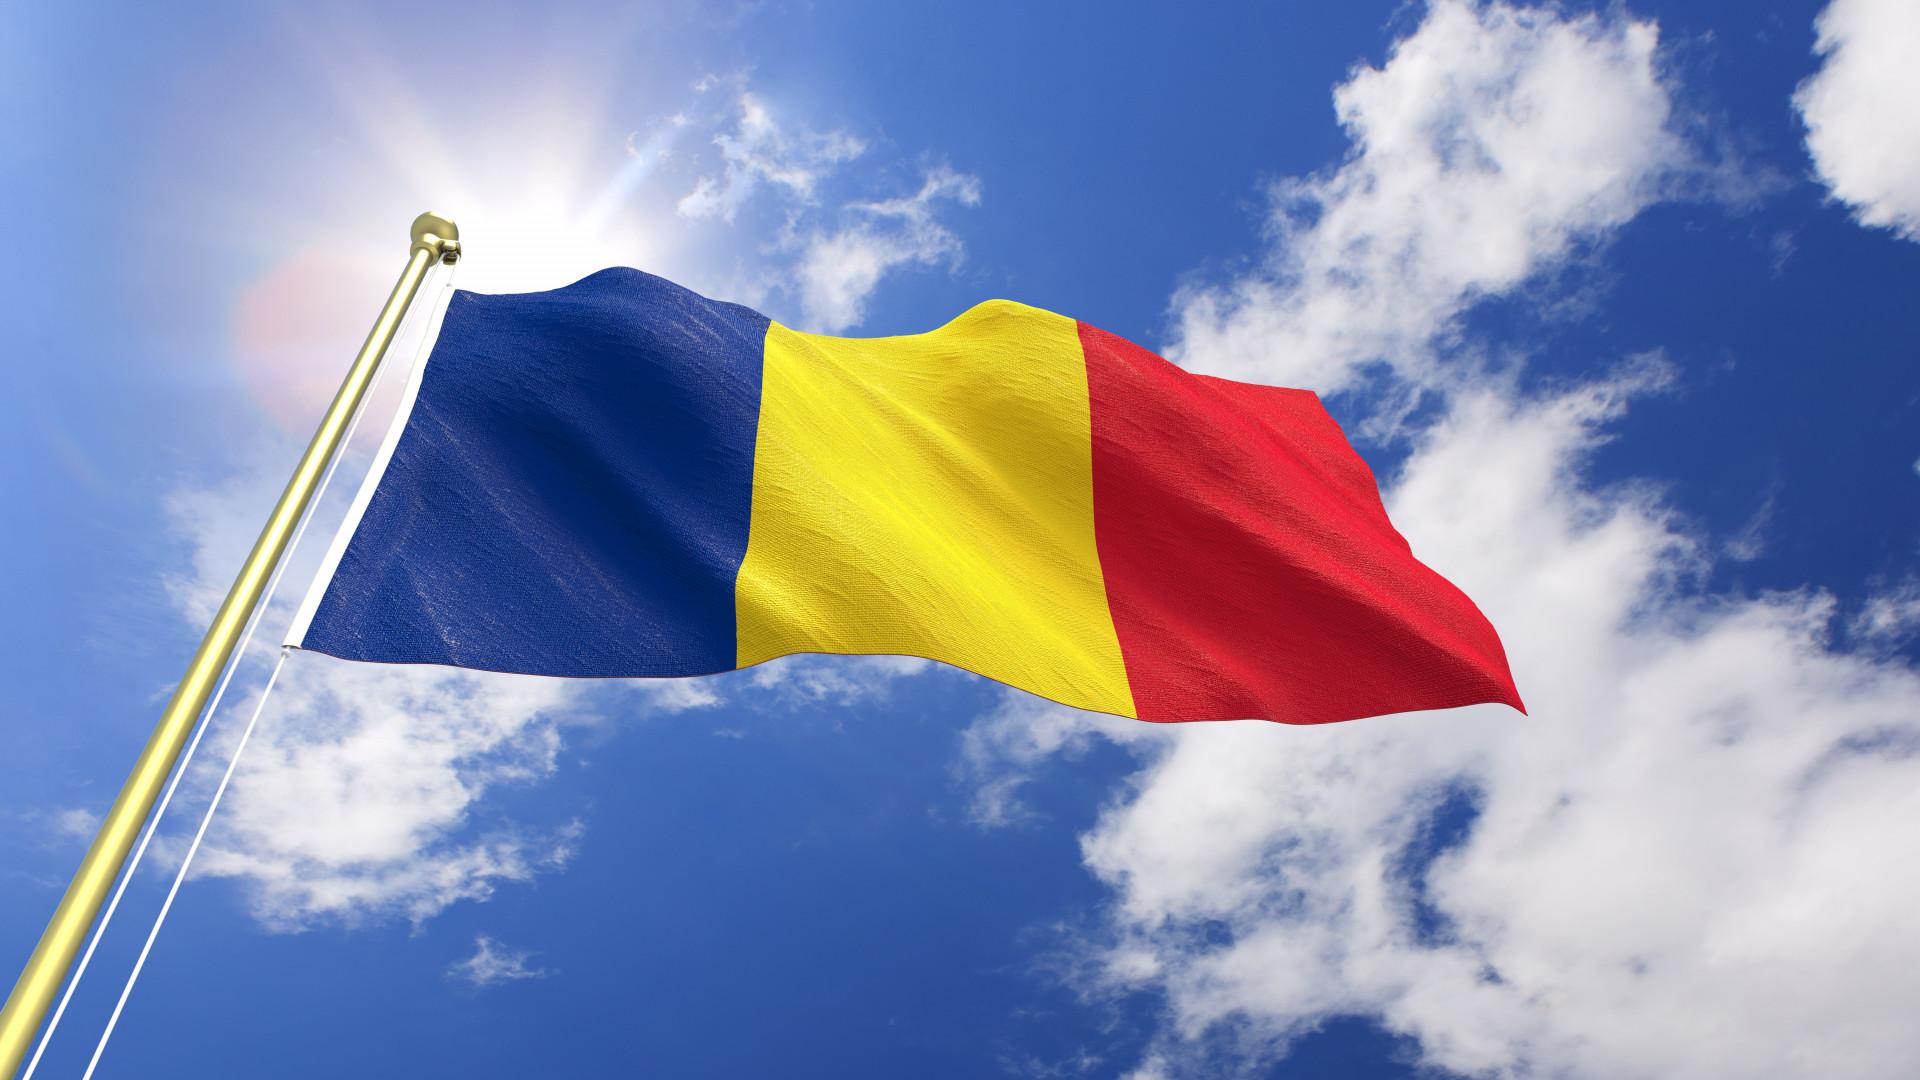 3 nap alatt 24 ezer embert bírságoltak meg Romániában a korlátozások megszegése miatt